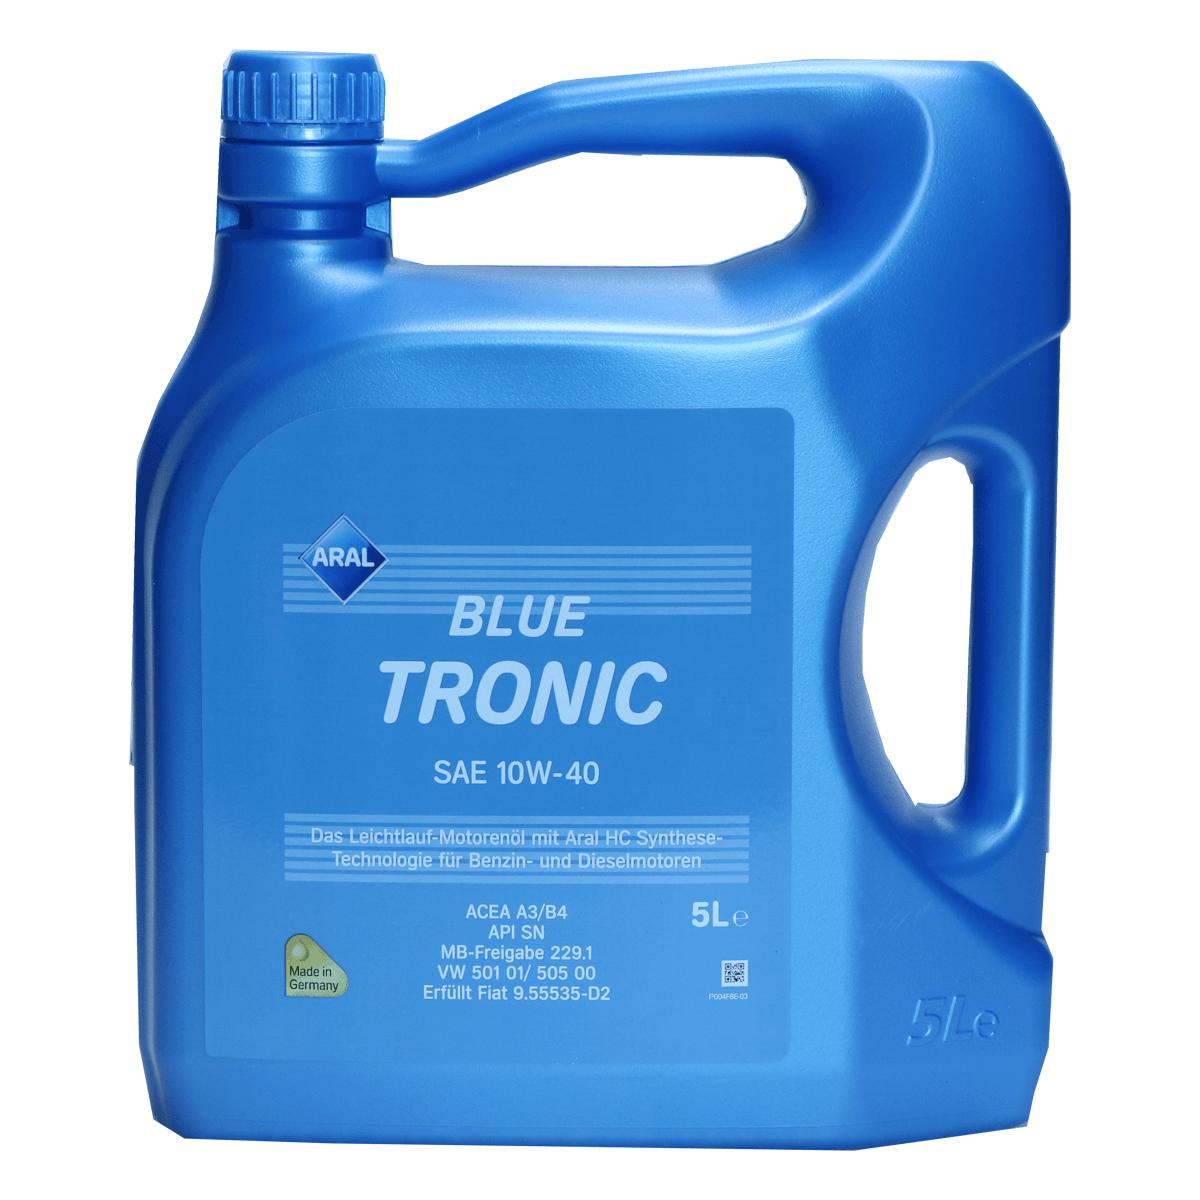 Aral BlueTronic 10W-40 Motoröl 5l